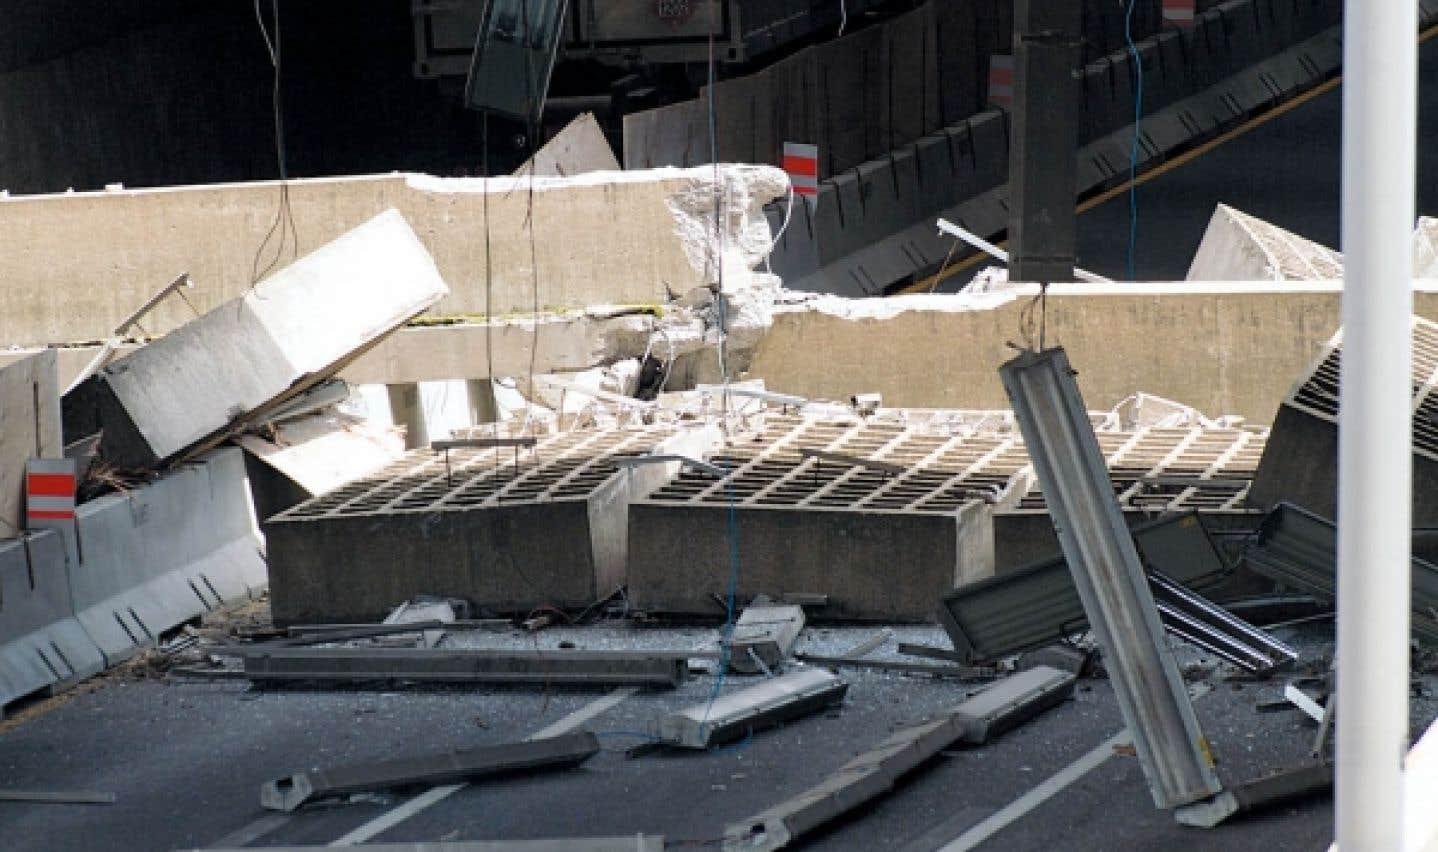 Effondrement sur l'autoroute Ville-Marie - Le béton encore montré du doigt